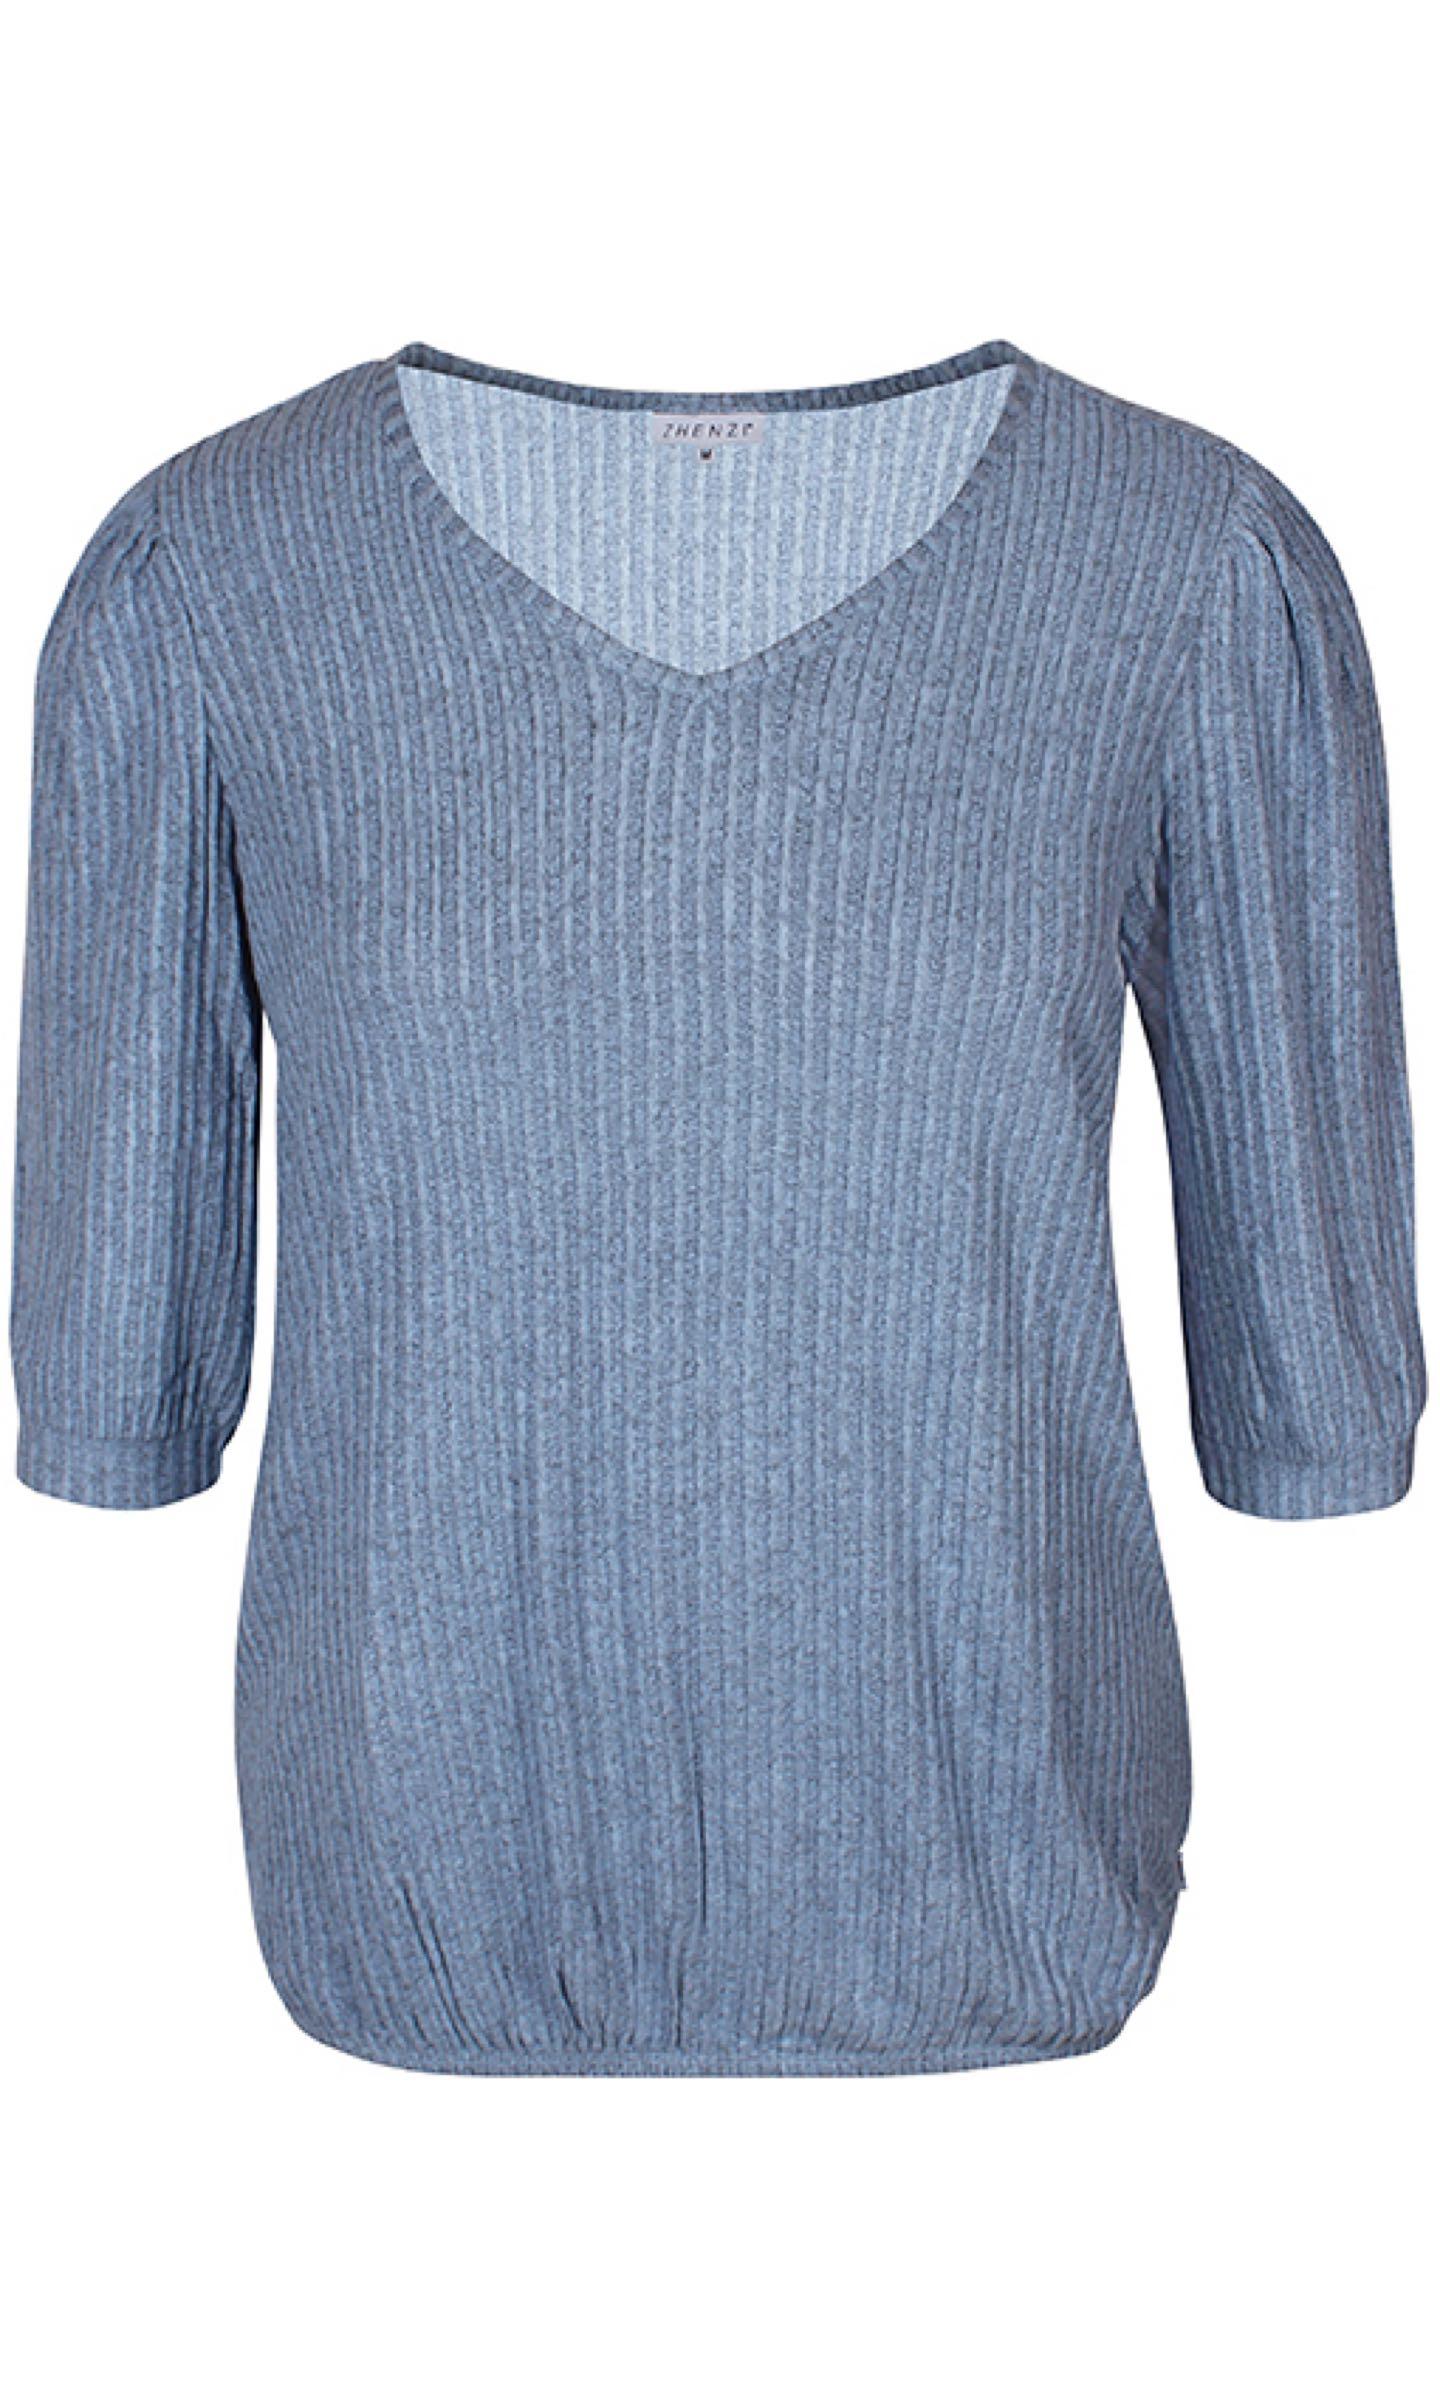 SHARA stickad tröja, duvblå